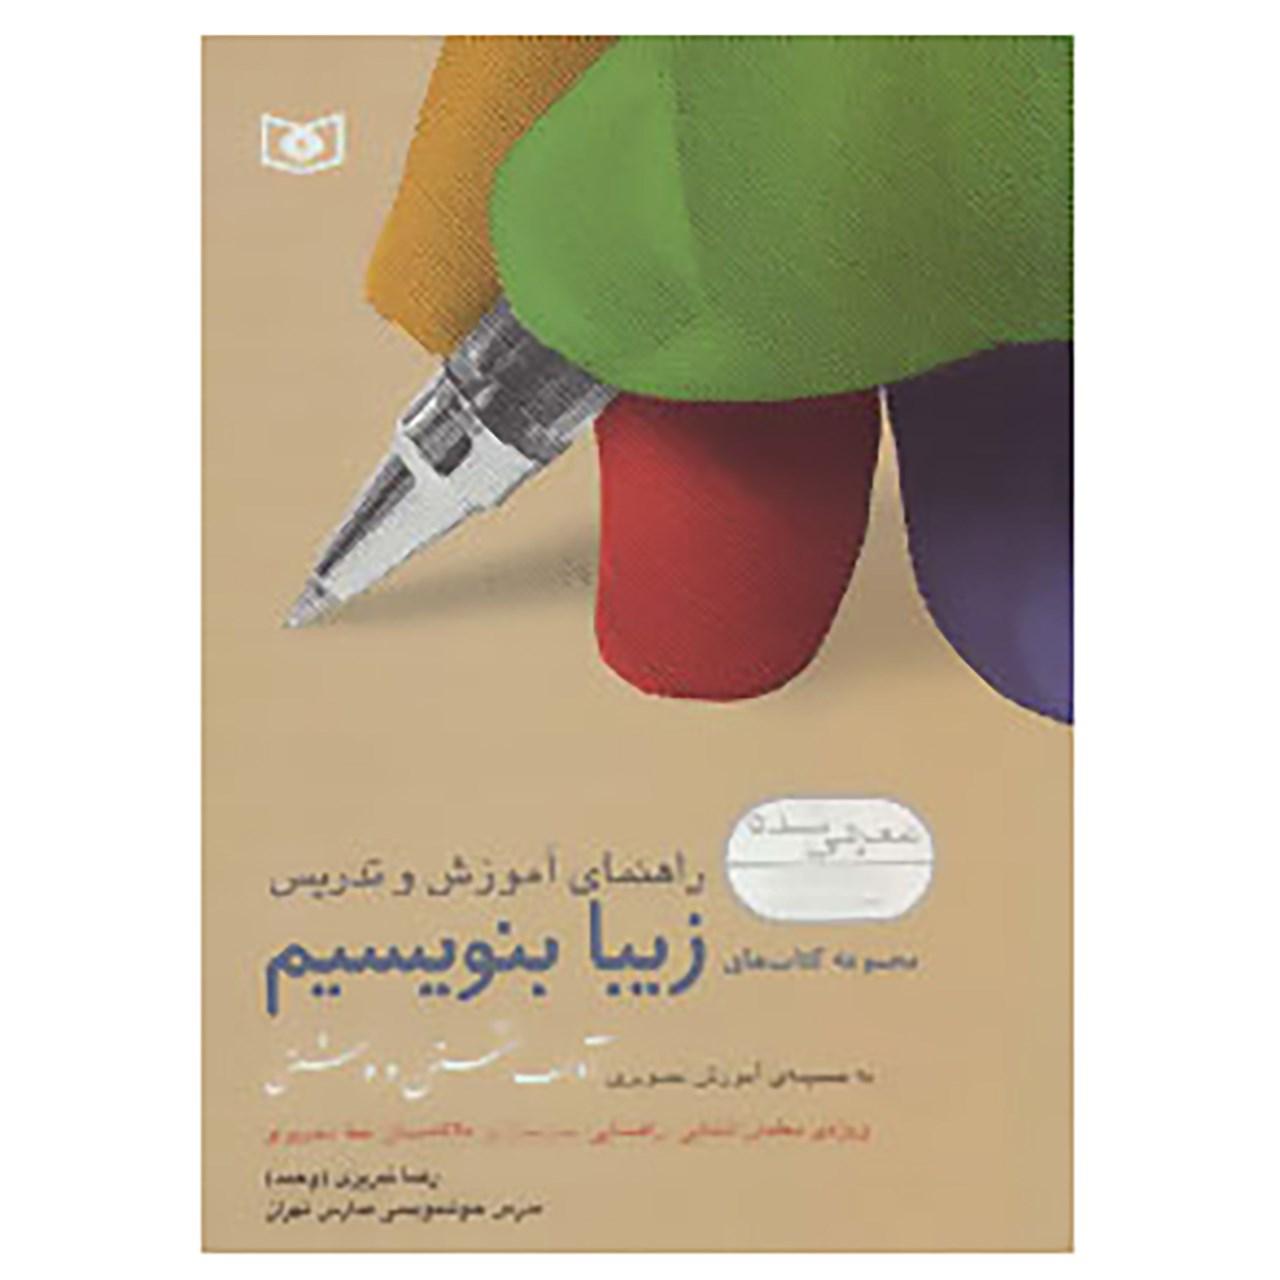 خرید                      کتاب راهنمای آموزش و تدریس مجموعه کتاب های زیبا بنویسیم اثر رضا تبریزی